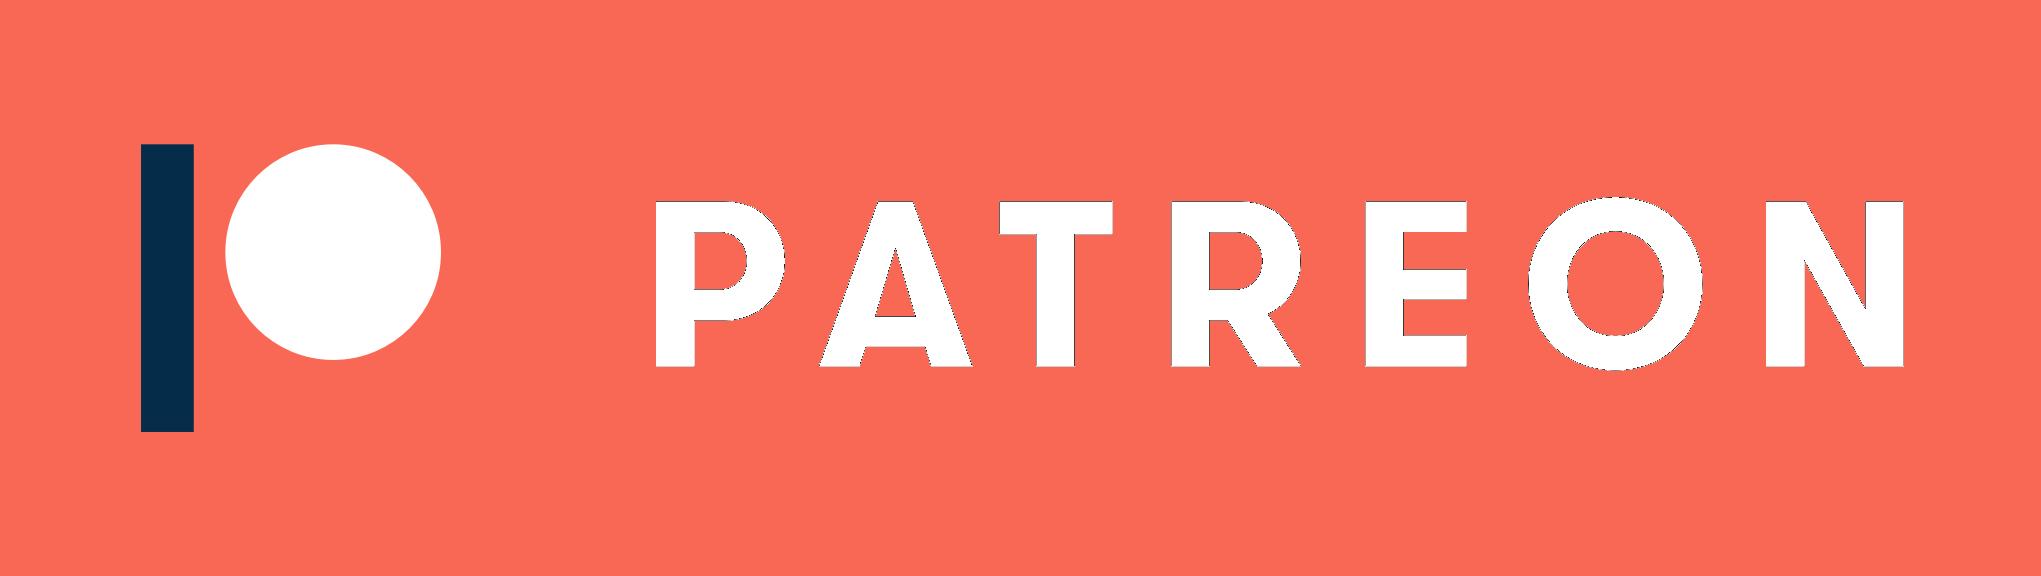 Patreon Logo by laprasking on DeviantArt